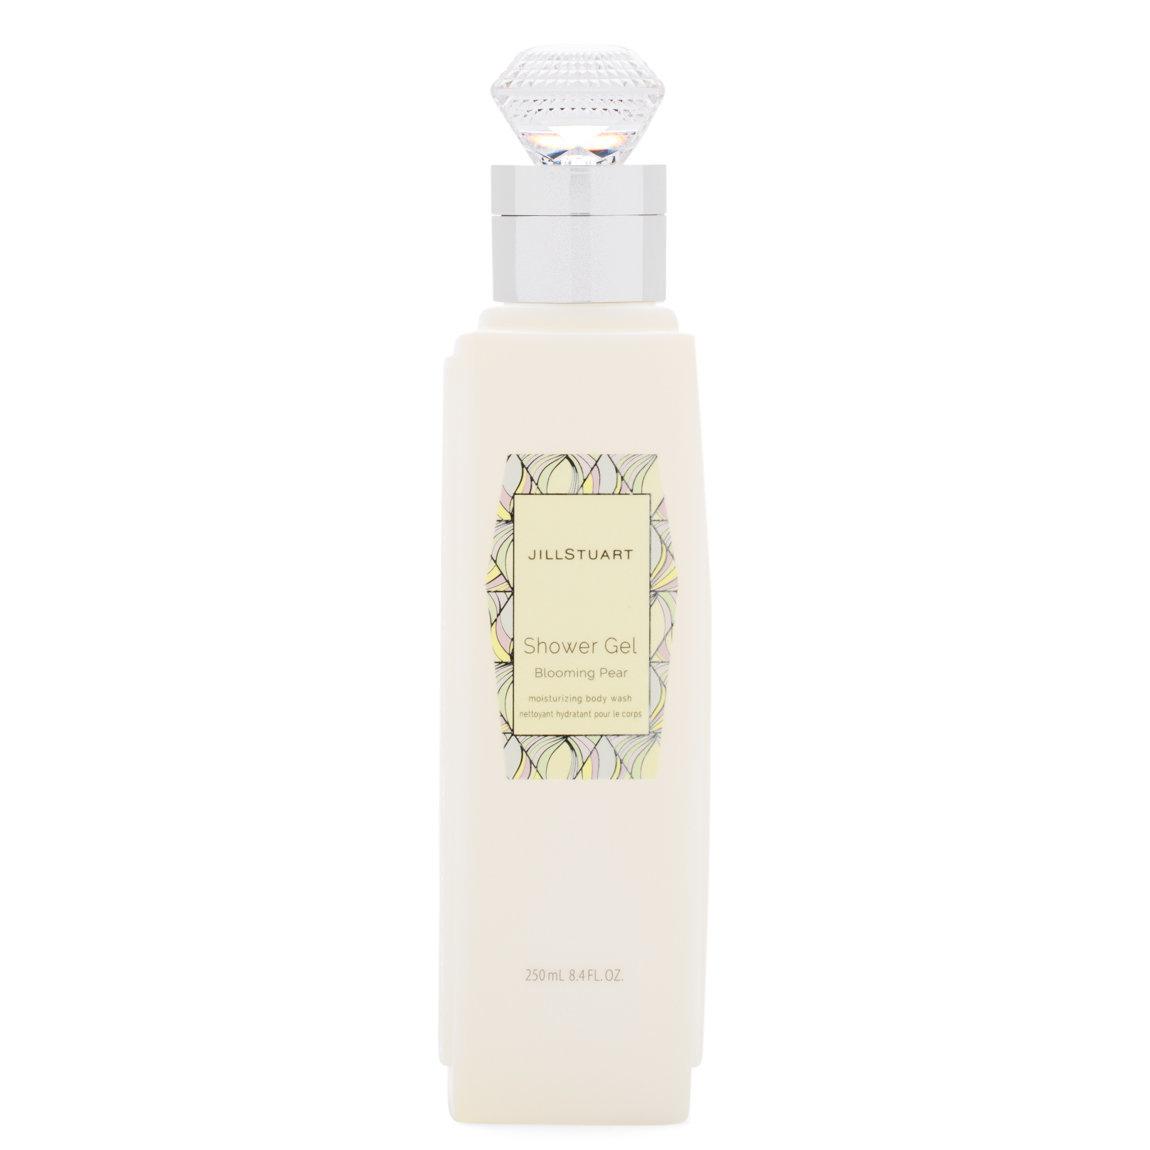 JILL STUART Beauty Shower Gel Blooming Pear product swatch.